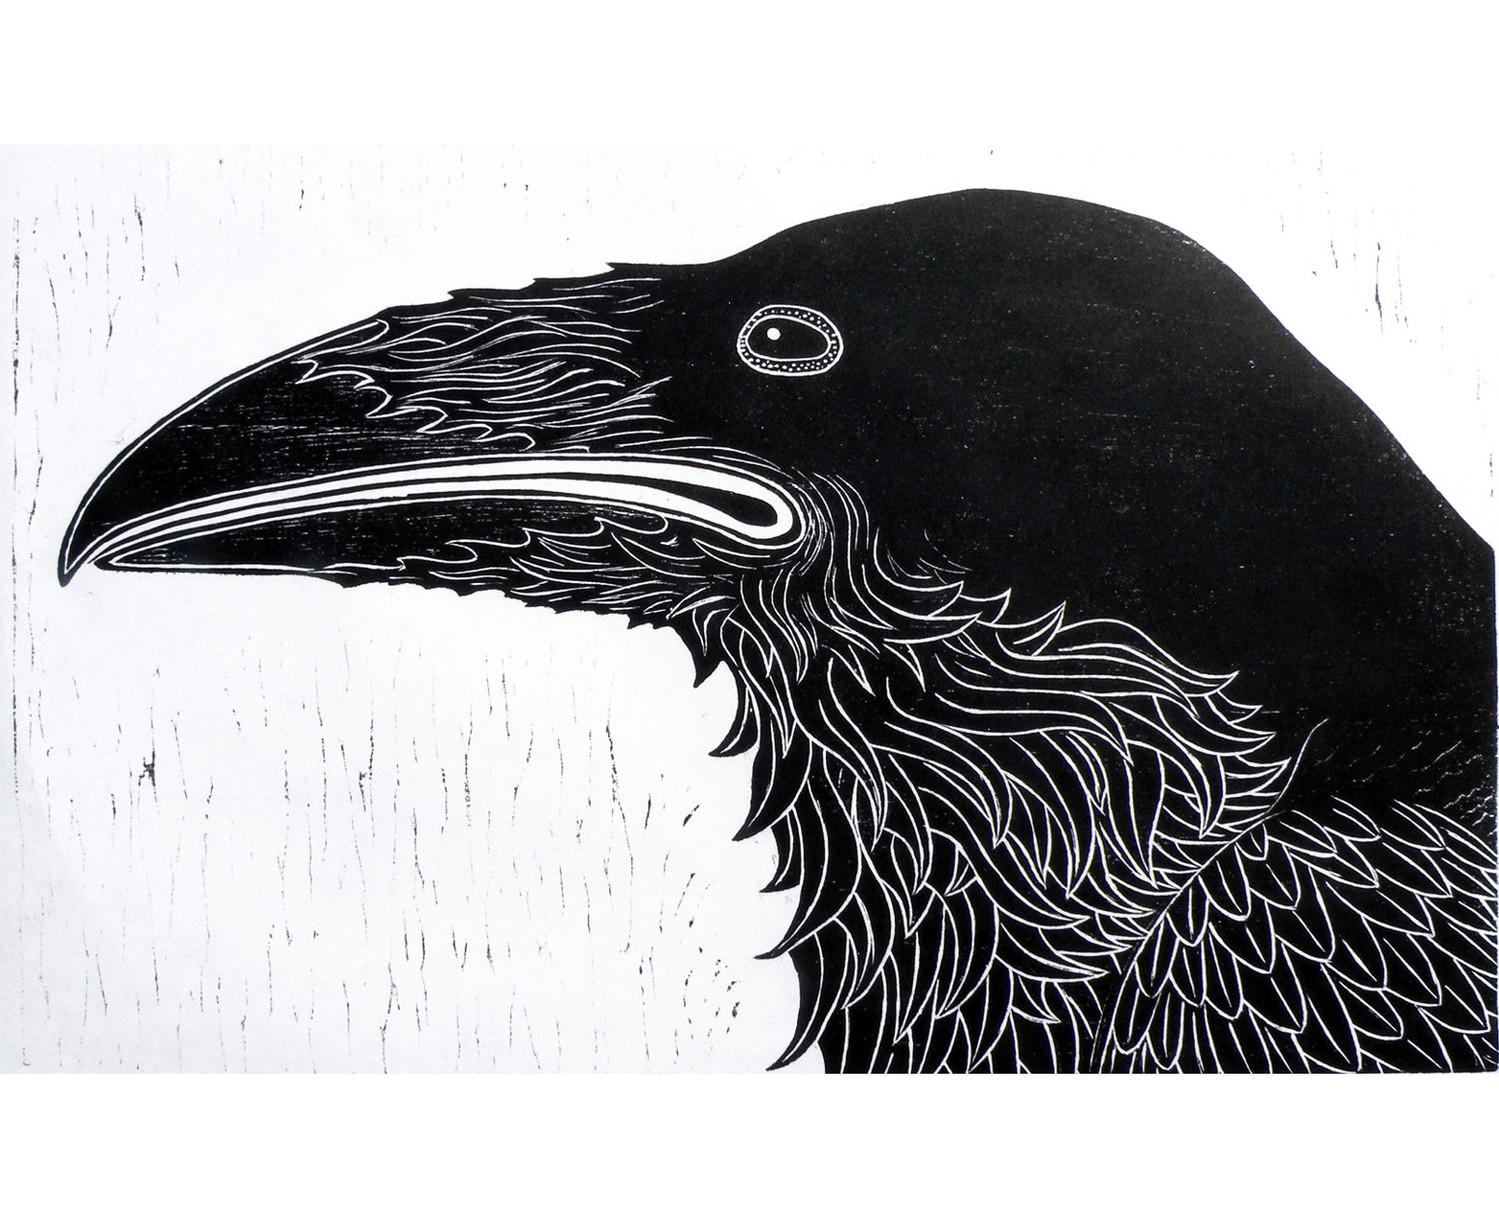 Drawn raven woodcut Raven Woodblock wall Print Raven